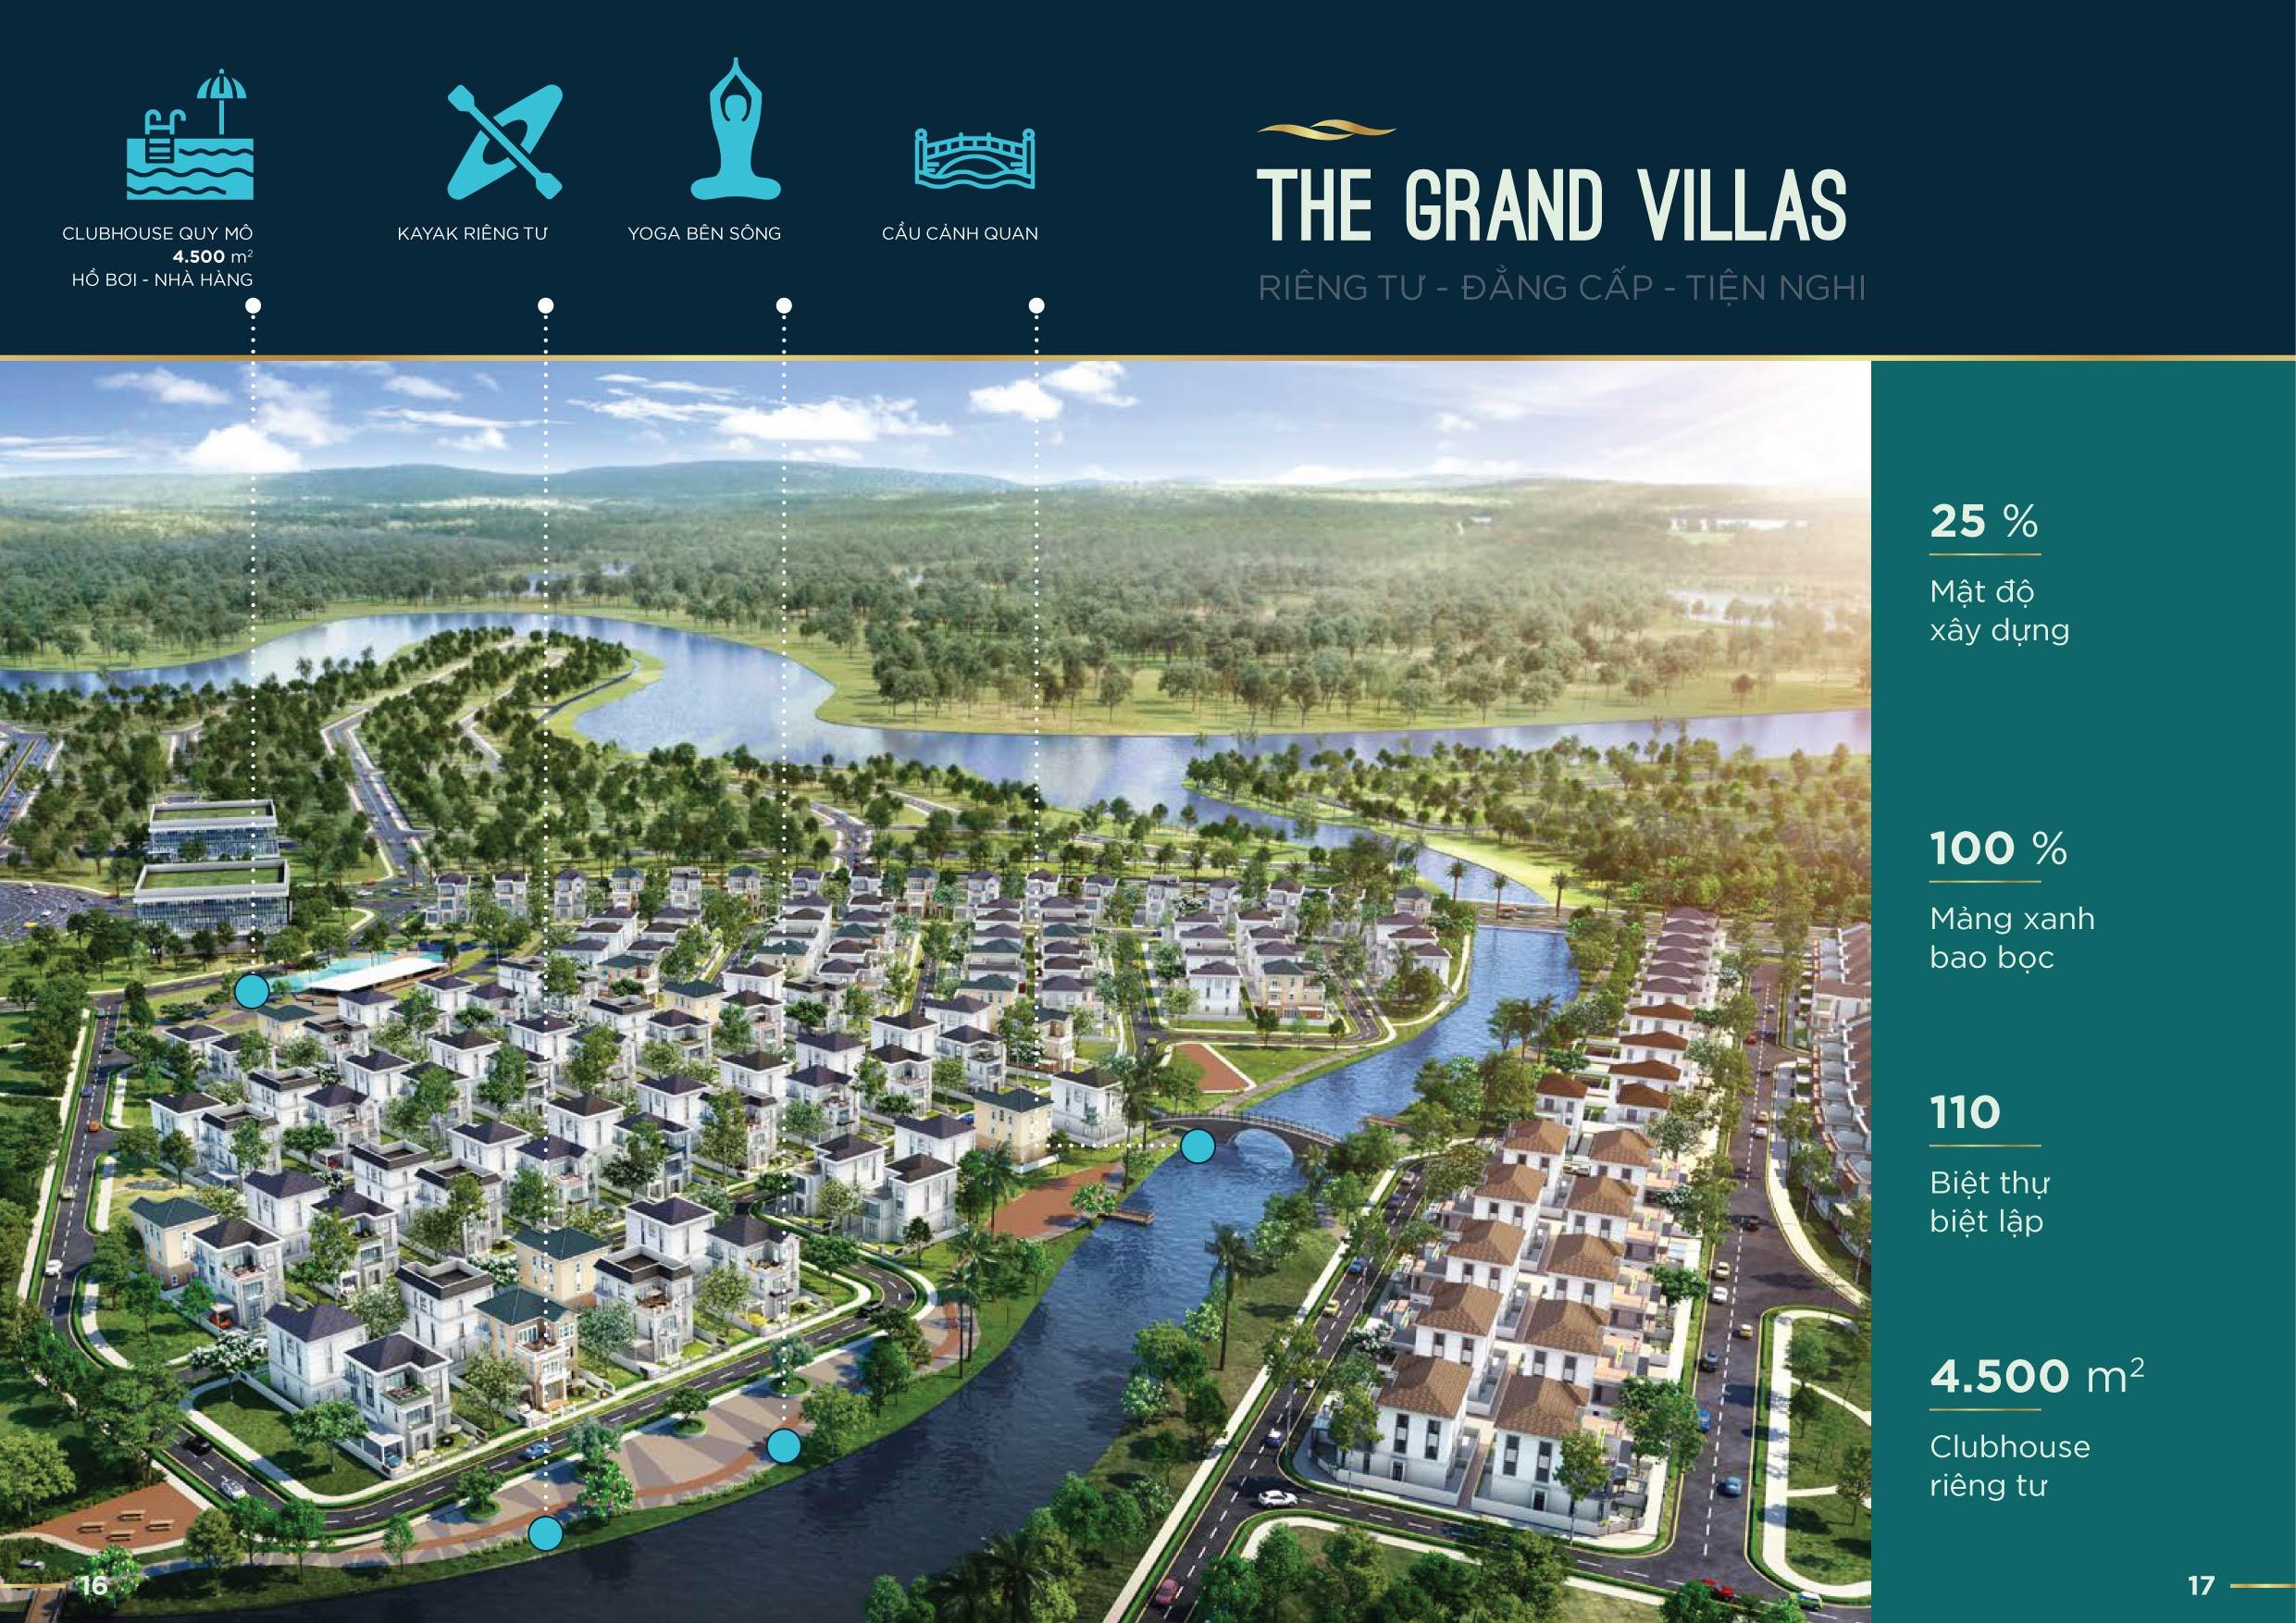 Phối cảnh phân khu The Grand Villas từ trên cao